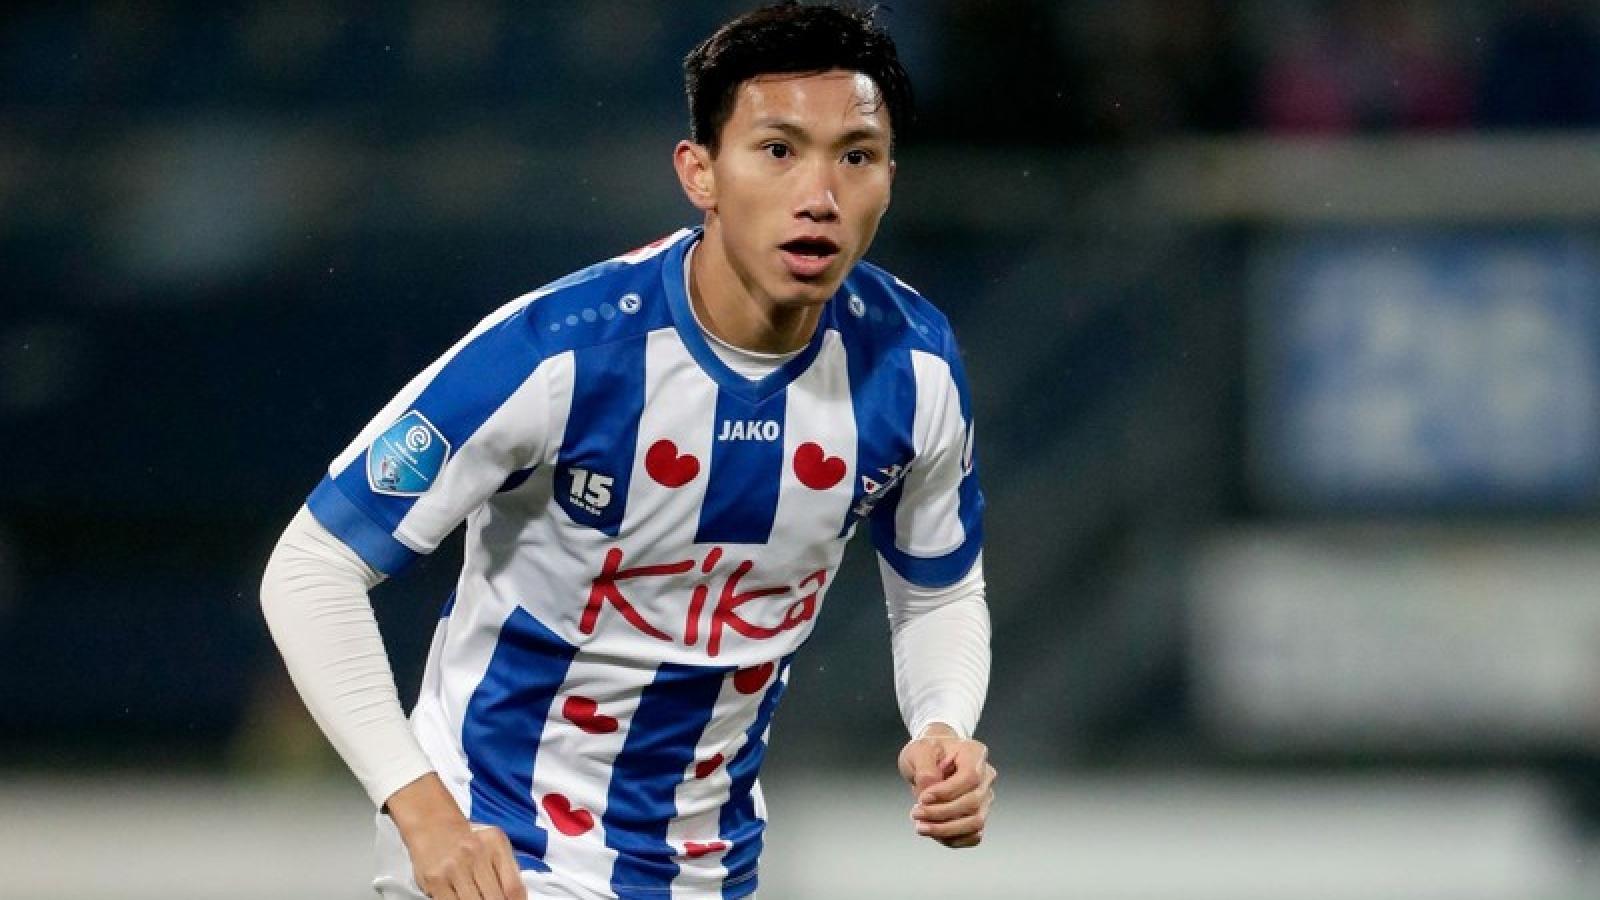 """SC Heerenveen chỉ còn 15 cầu thủ trong đội, Đoàn Văn Hậu bị """"gạch tên"""""""